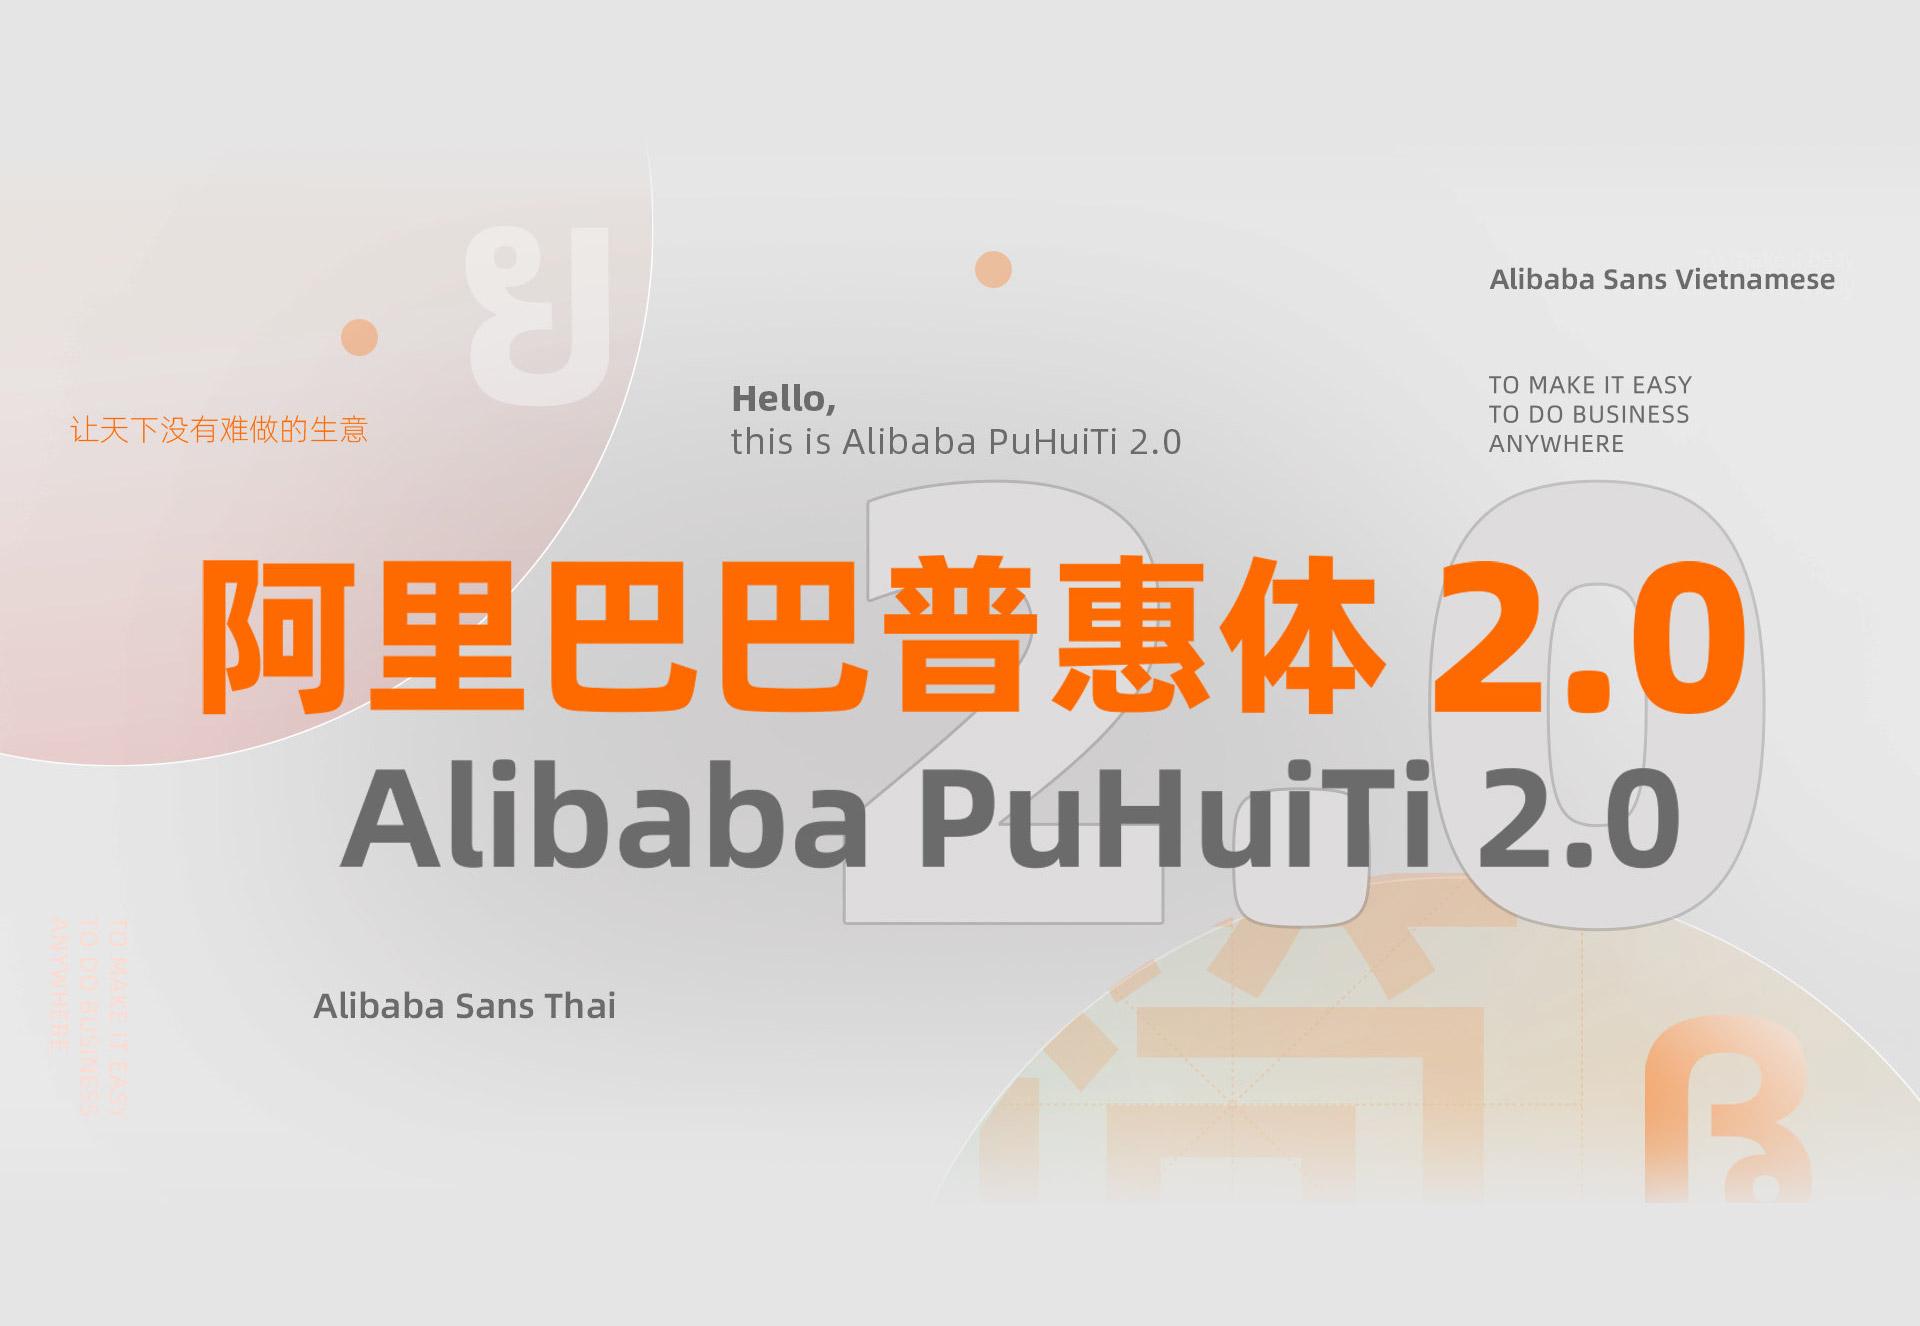 阿里巴巴普惠体2.0版本下载:新增4字重